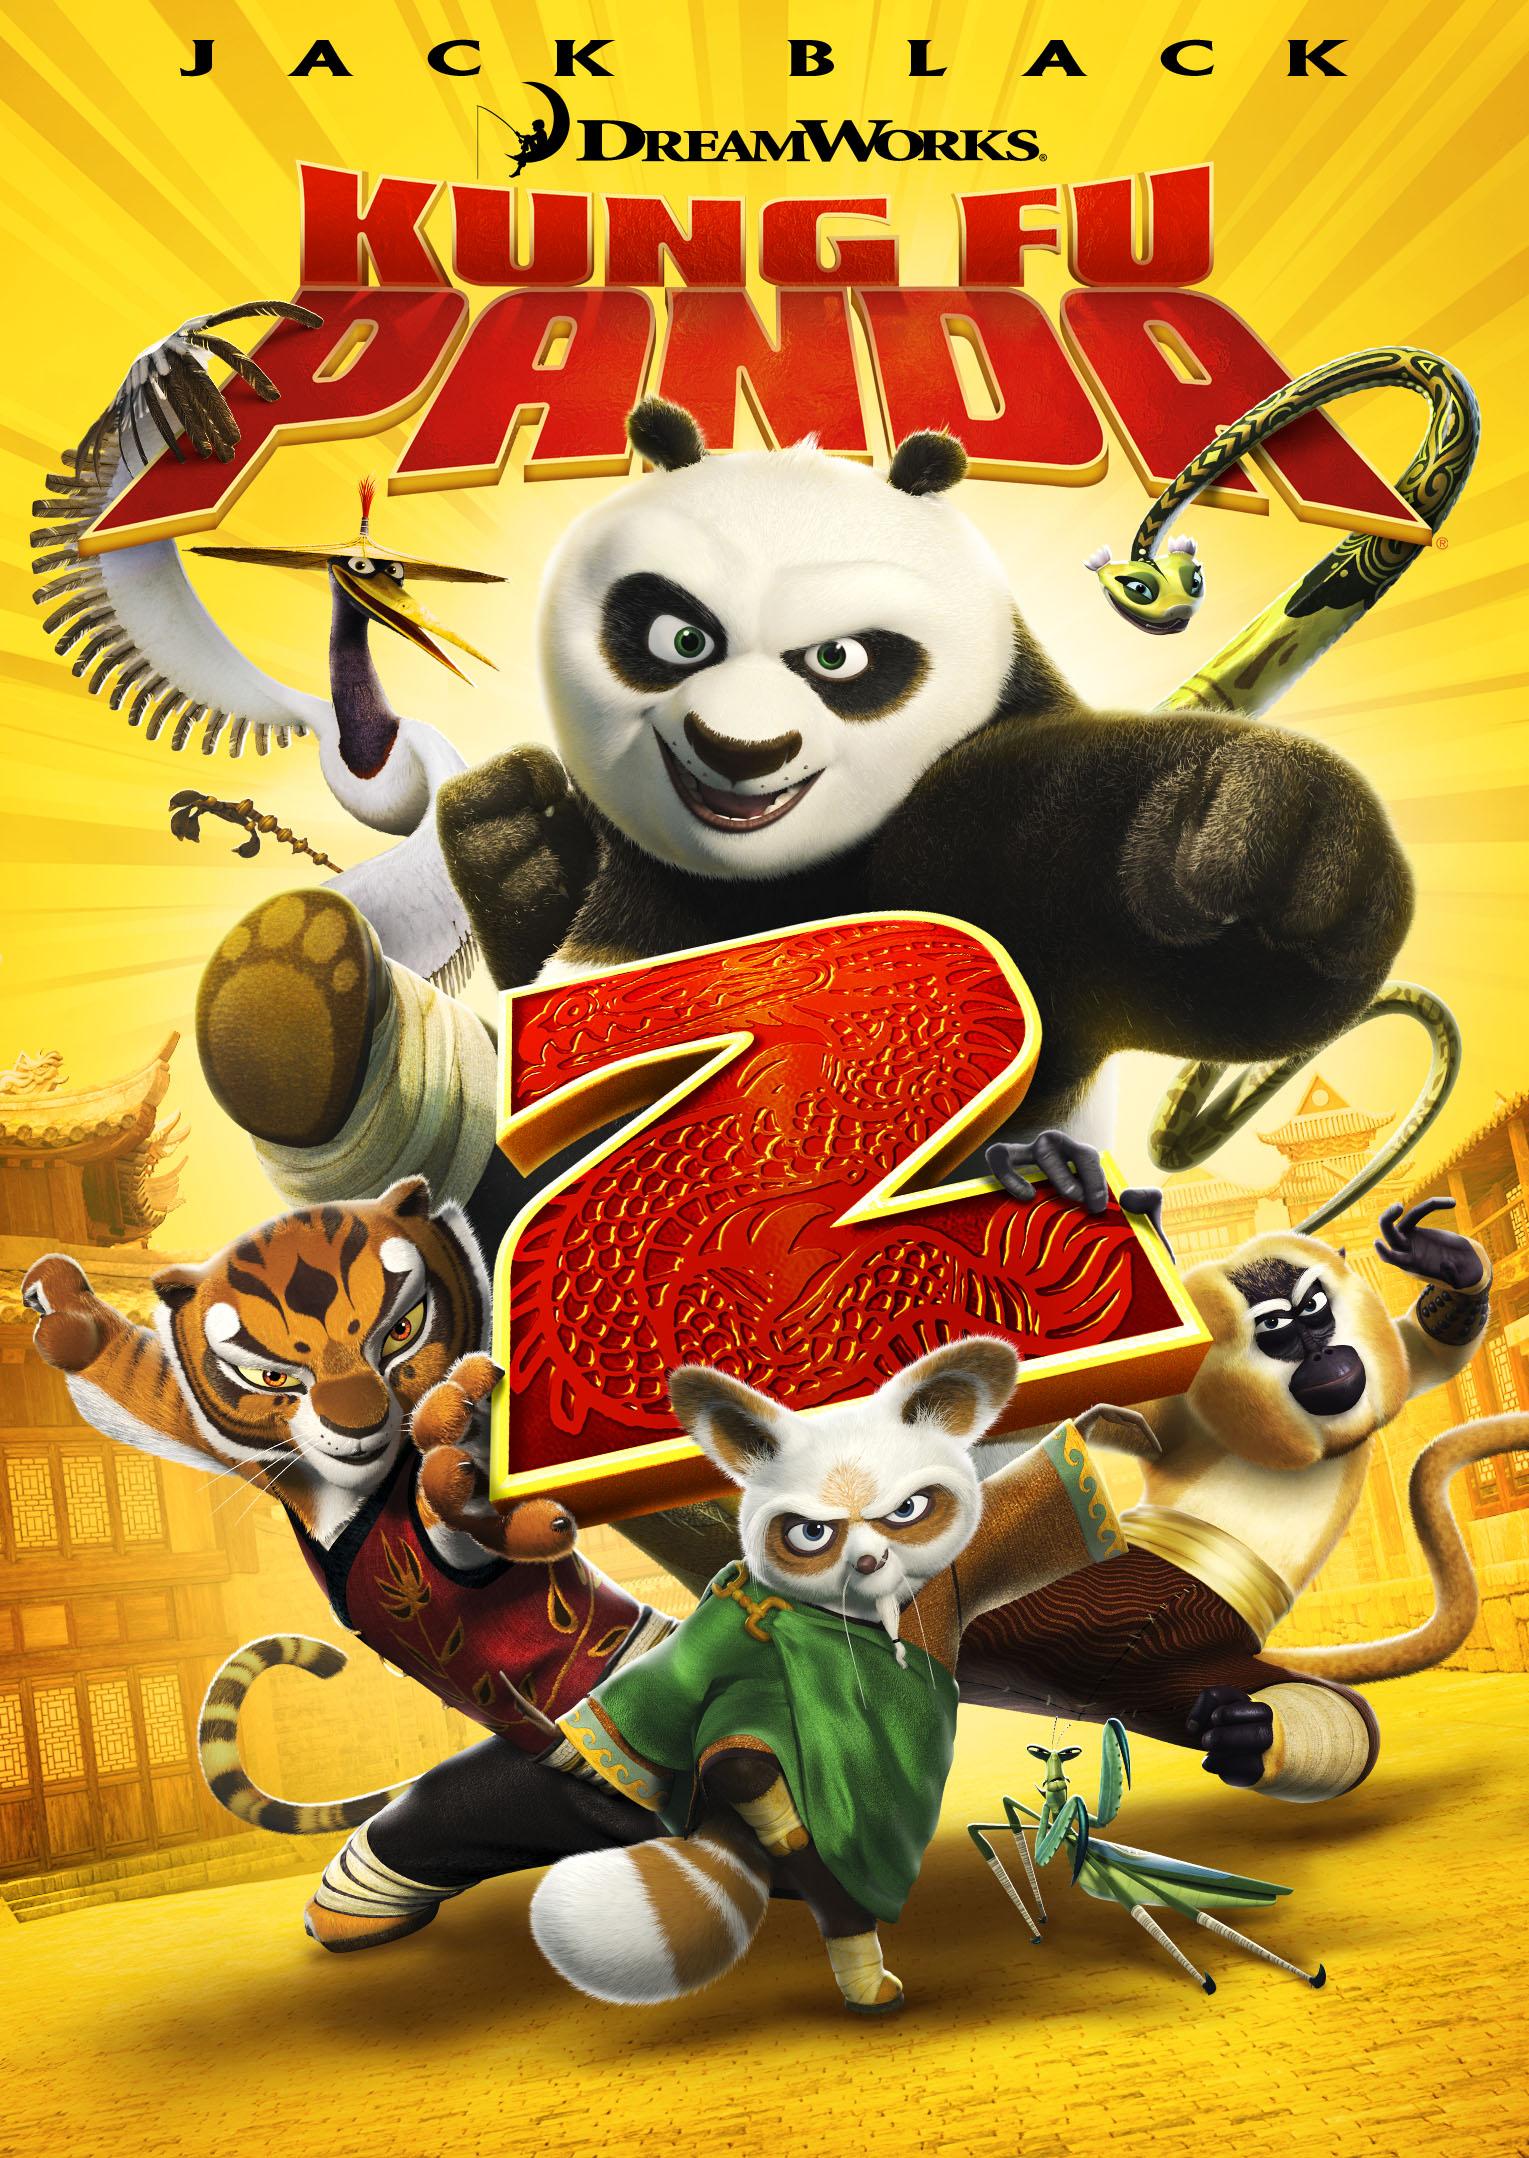 The kung fu panda images Kung fu panda 2 HD wallpaper and background photos